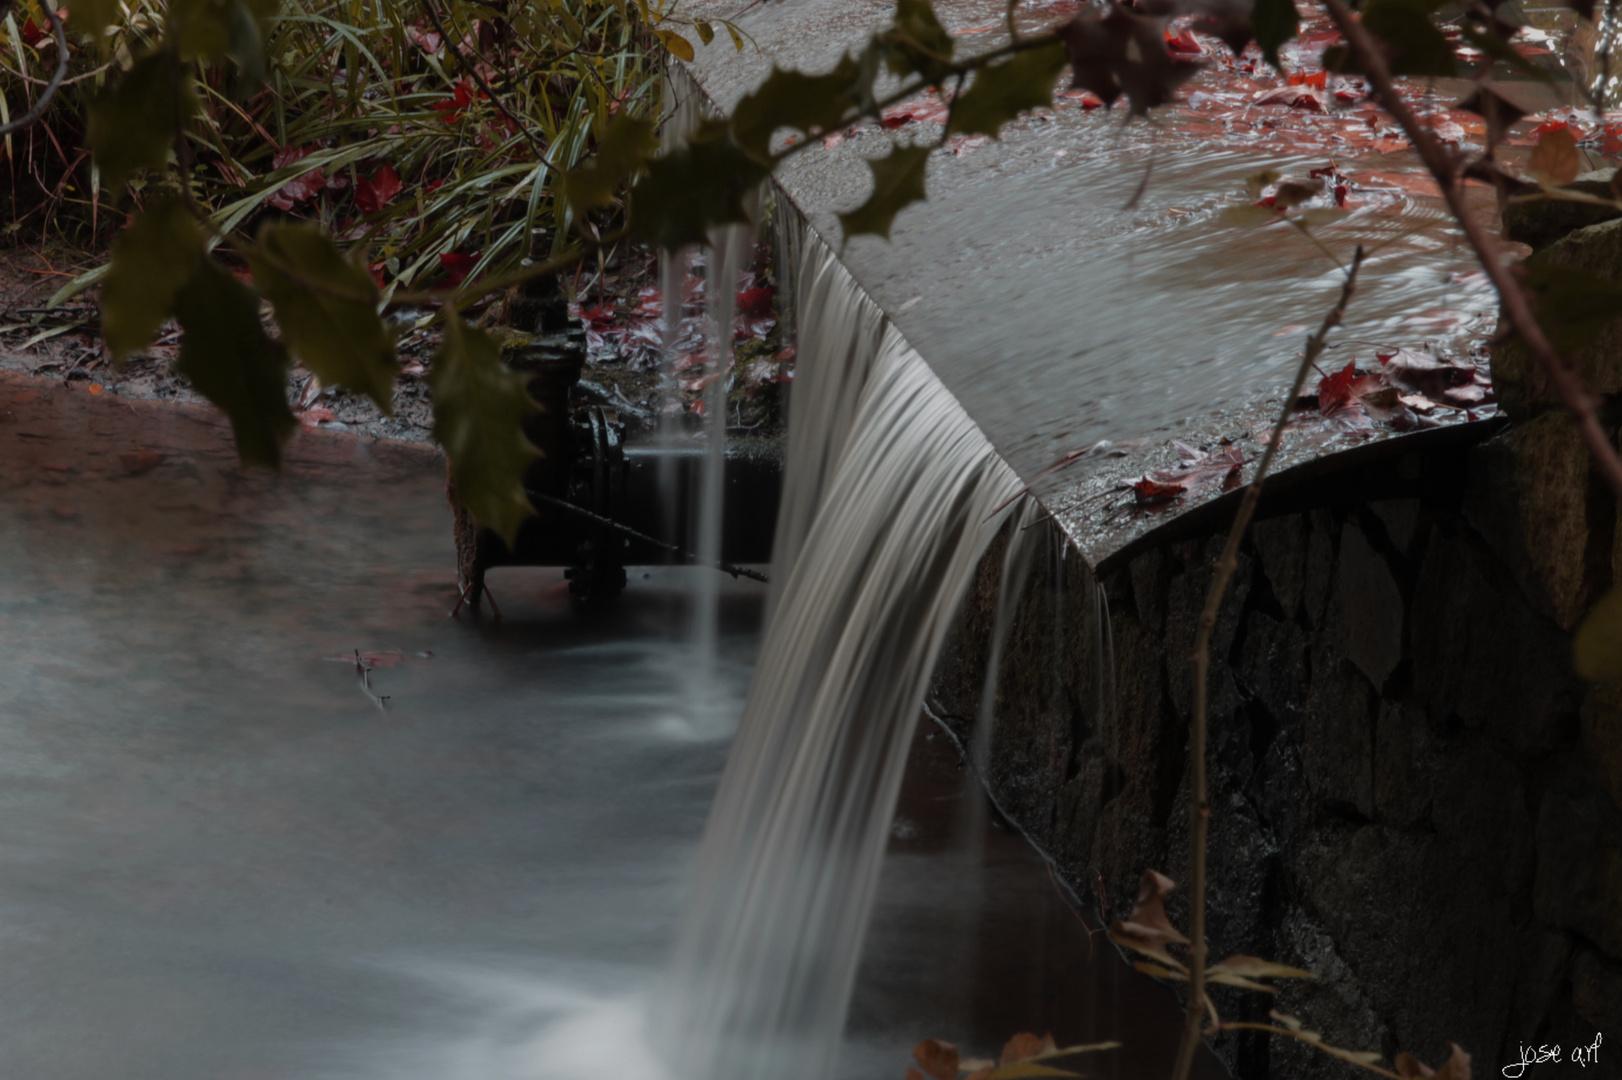 Jardin Botanico Gijon Imagen Foto Plantas Naturaleza Fotos De